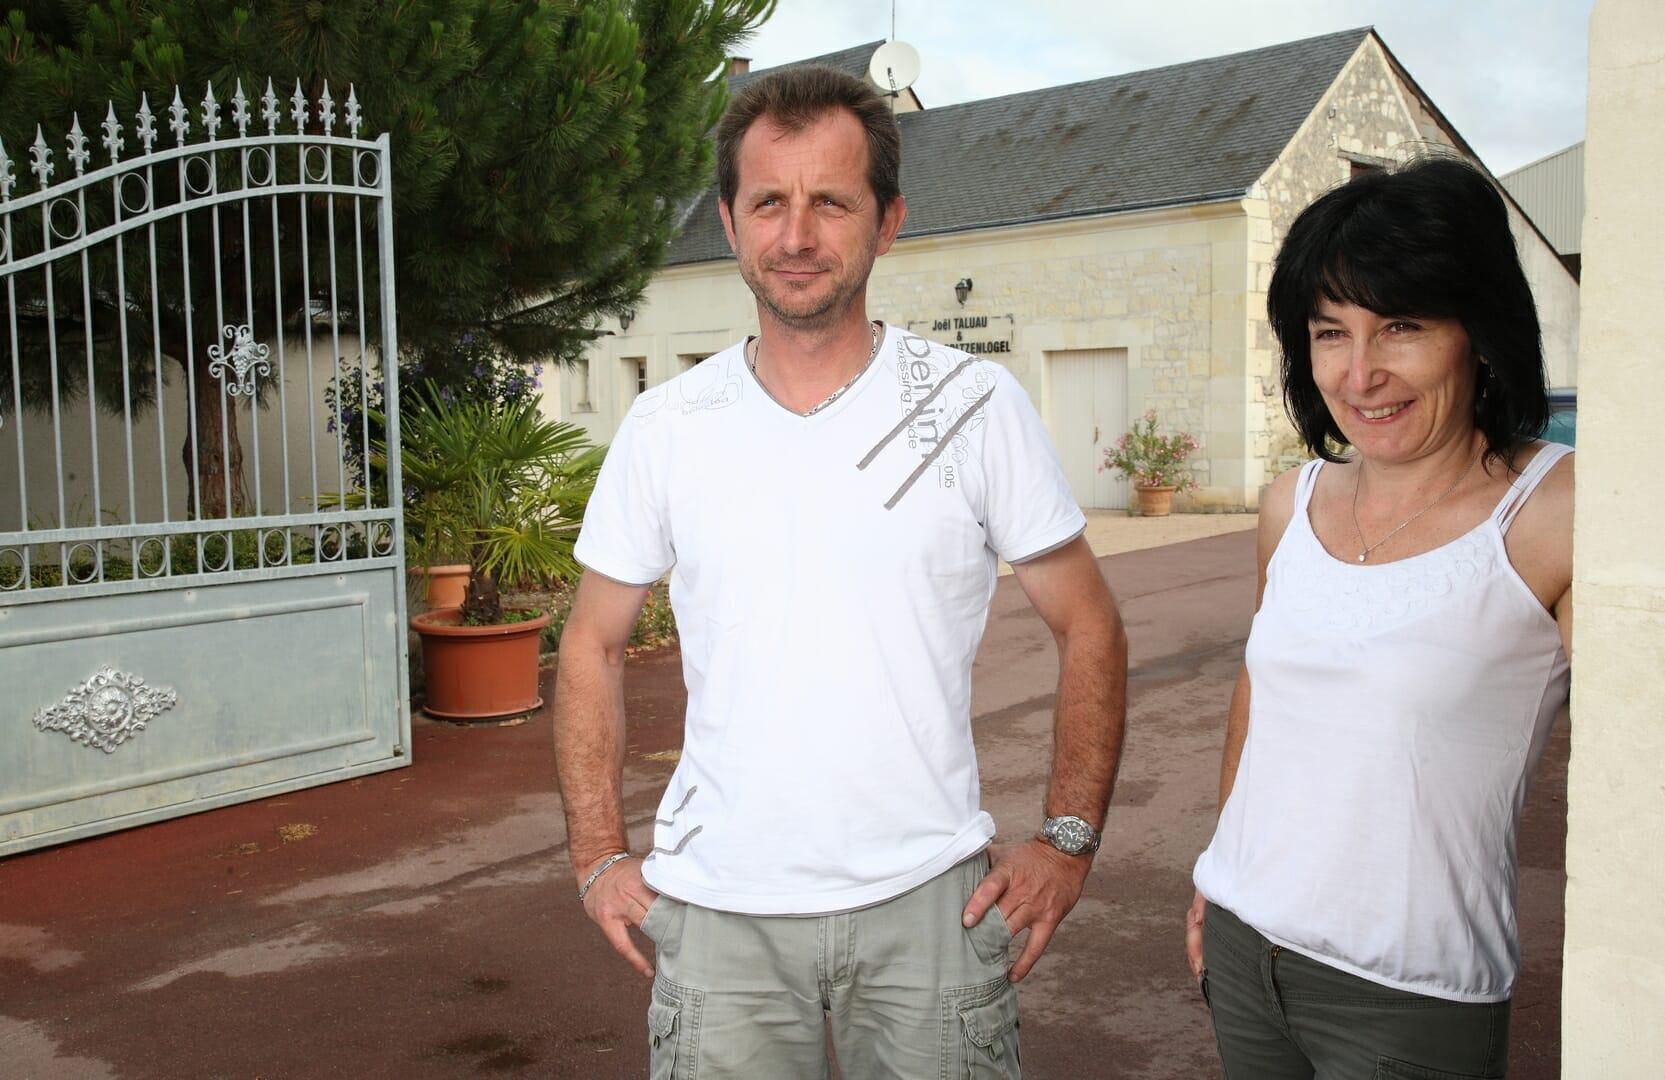 Domaine Joel TALUAU – Thierry FOLTZENLOGEL